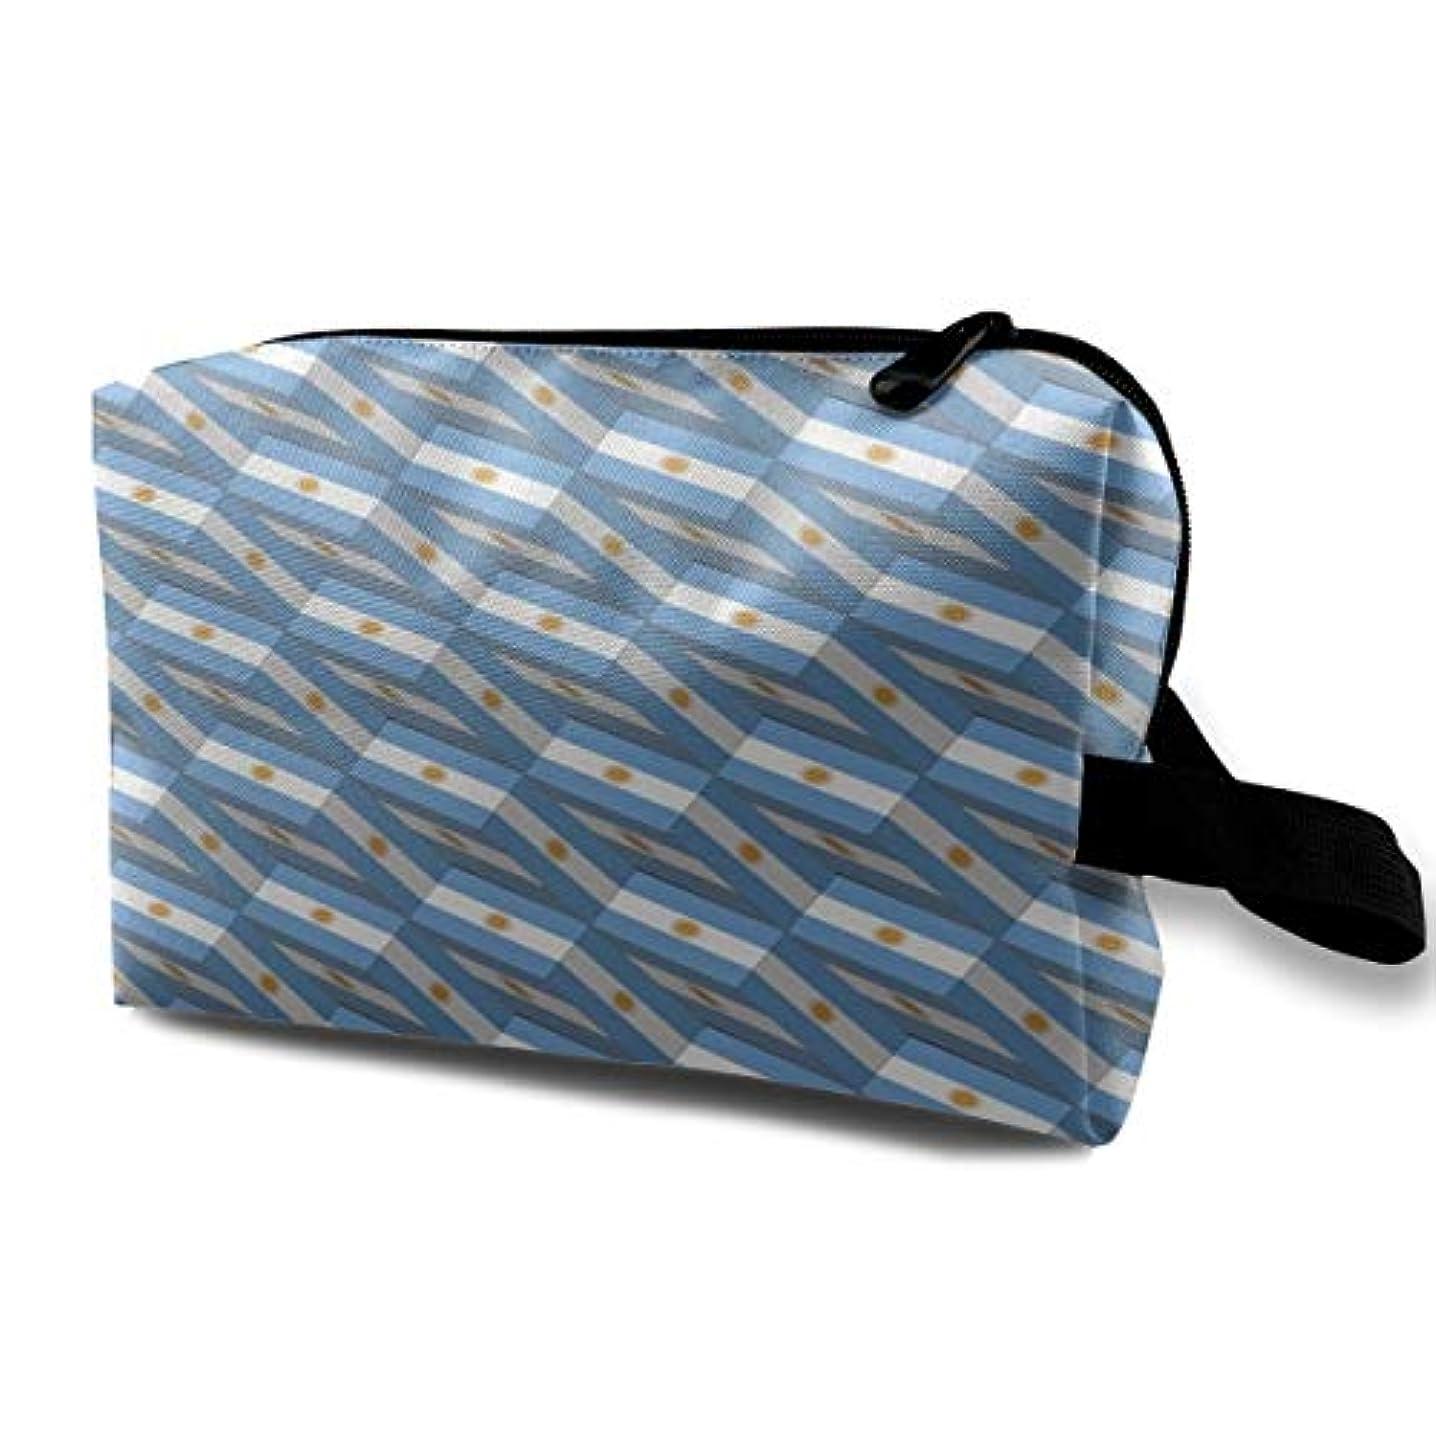 とげのある生きるシルエットArgentina Flag 3D Art Pattern 収納ポーチ 化粧ポーチ 大容量 軽量 耐久性 ハンドル付持ち運び便利。入れ 自宅?出張?旅行?アウトドア撮影などに対応。メンズ レディース トラベルグッズ